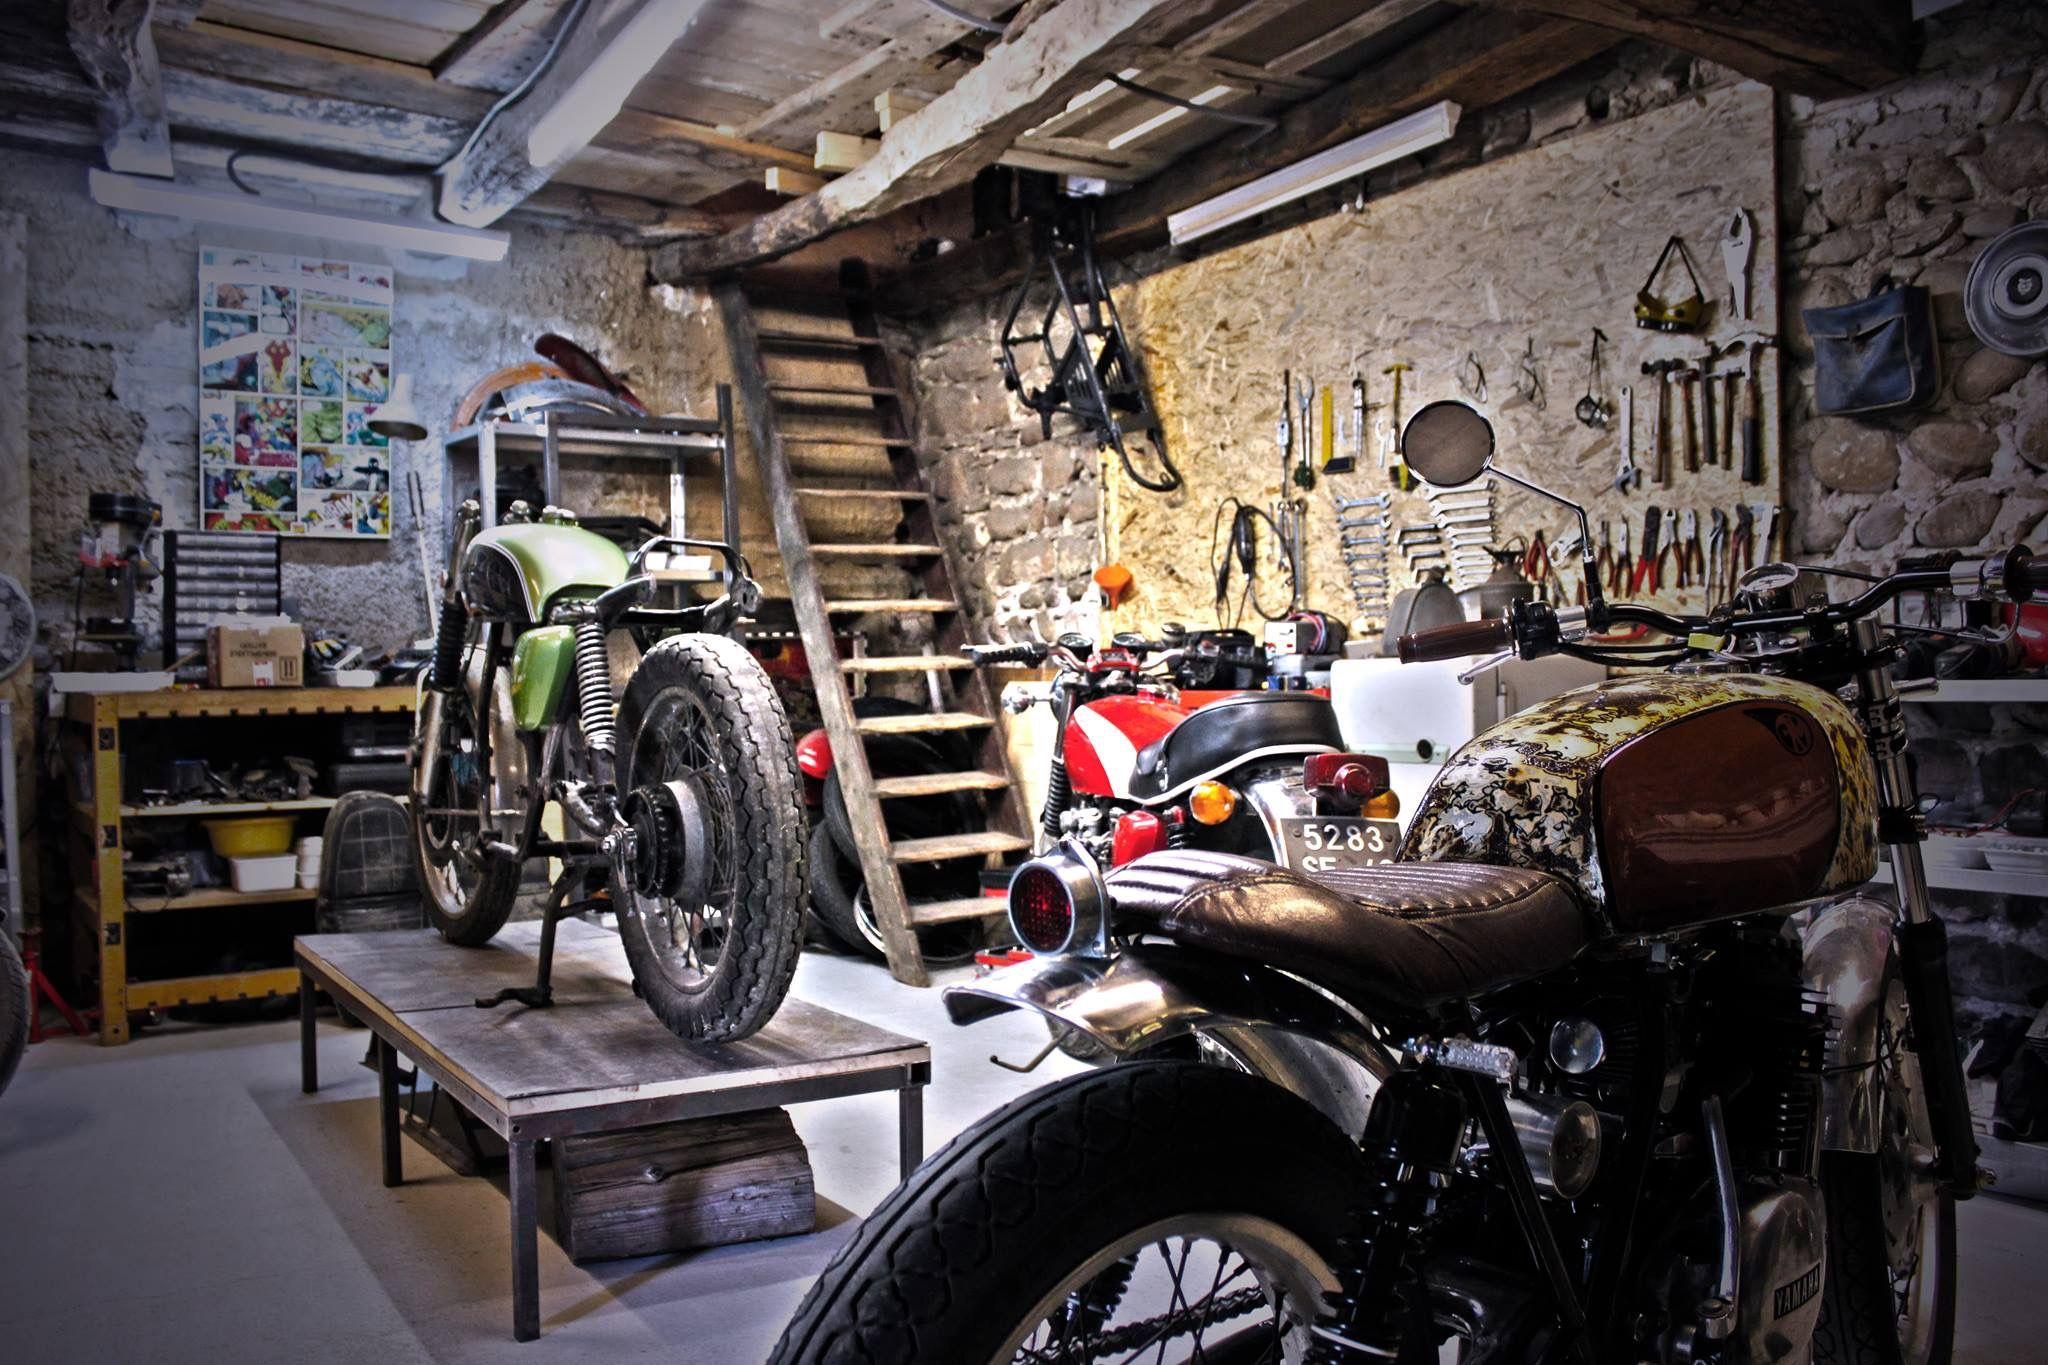 pingl par quely sur my xs 650 build pinterest atelier d co garage et garage. Black Bedroom Furniture Sets. Home Design Ideas